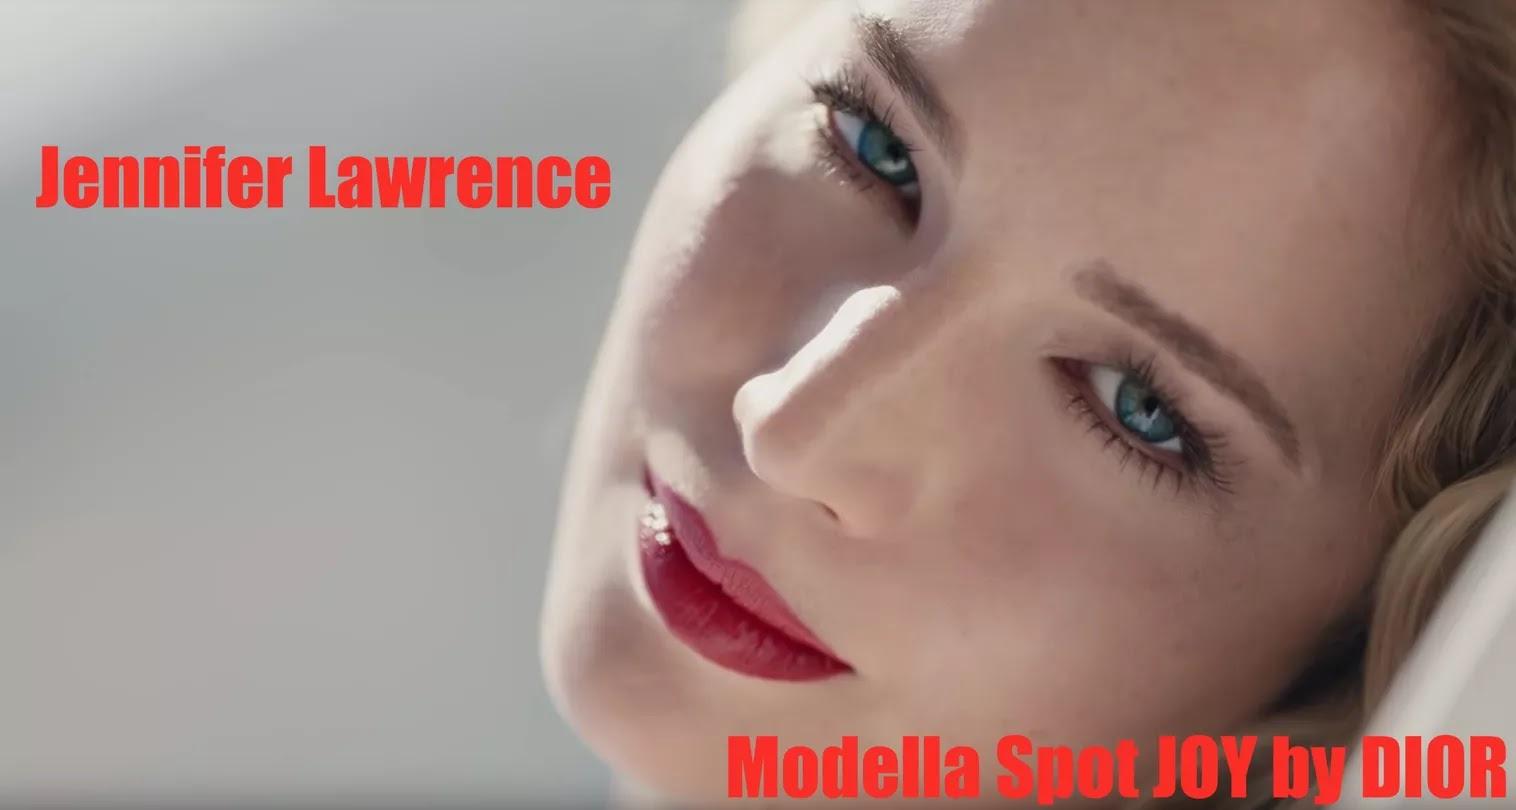 jennifer lawrence, modella spot dior joy 2018